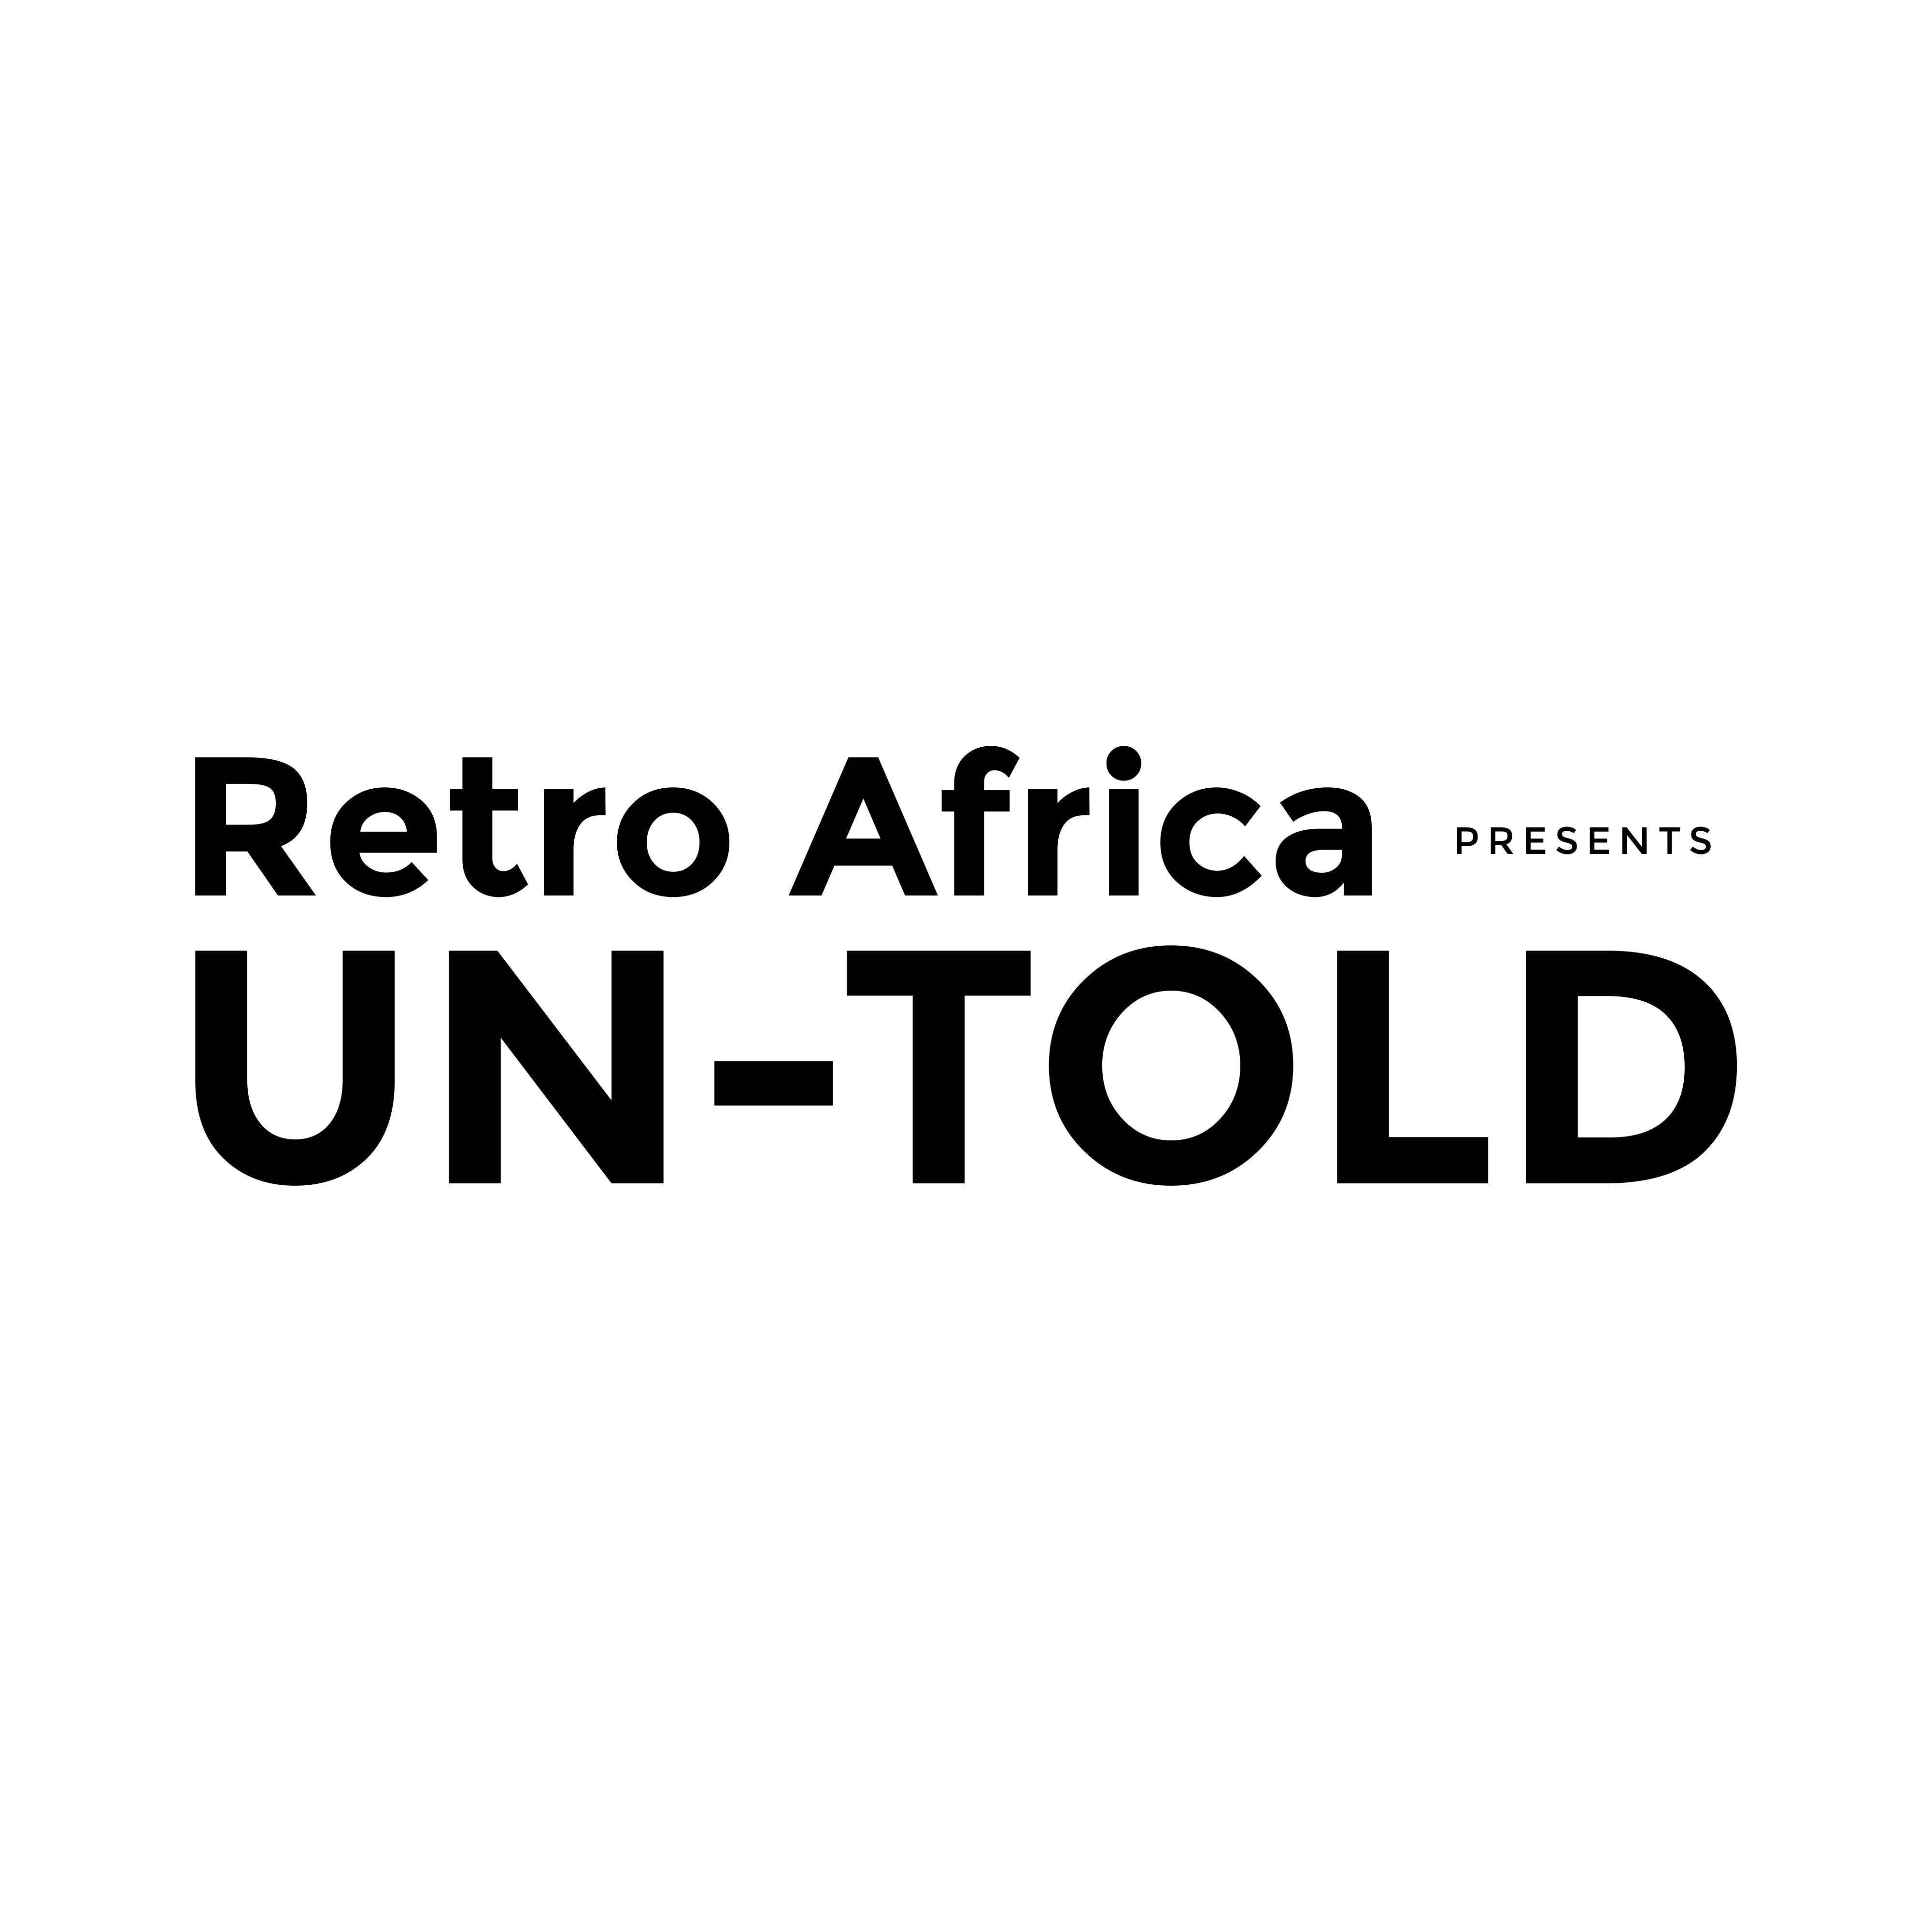 un-TOLD (Ground Floor)